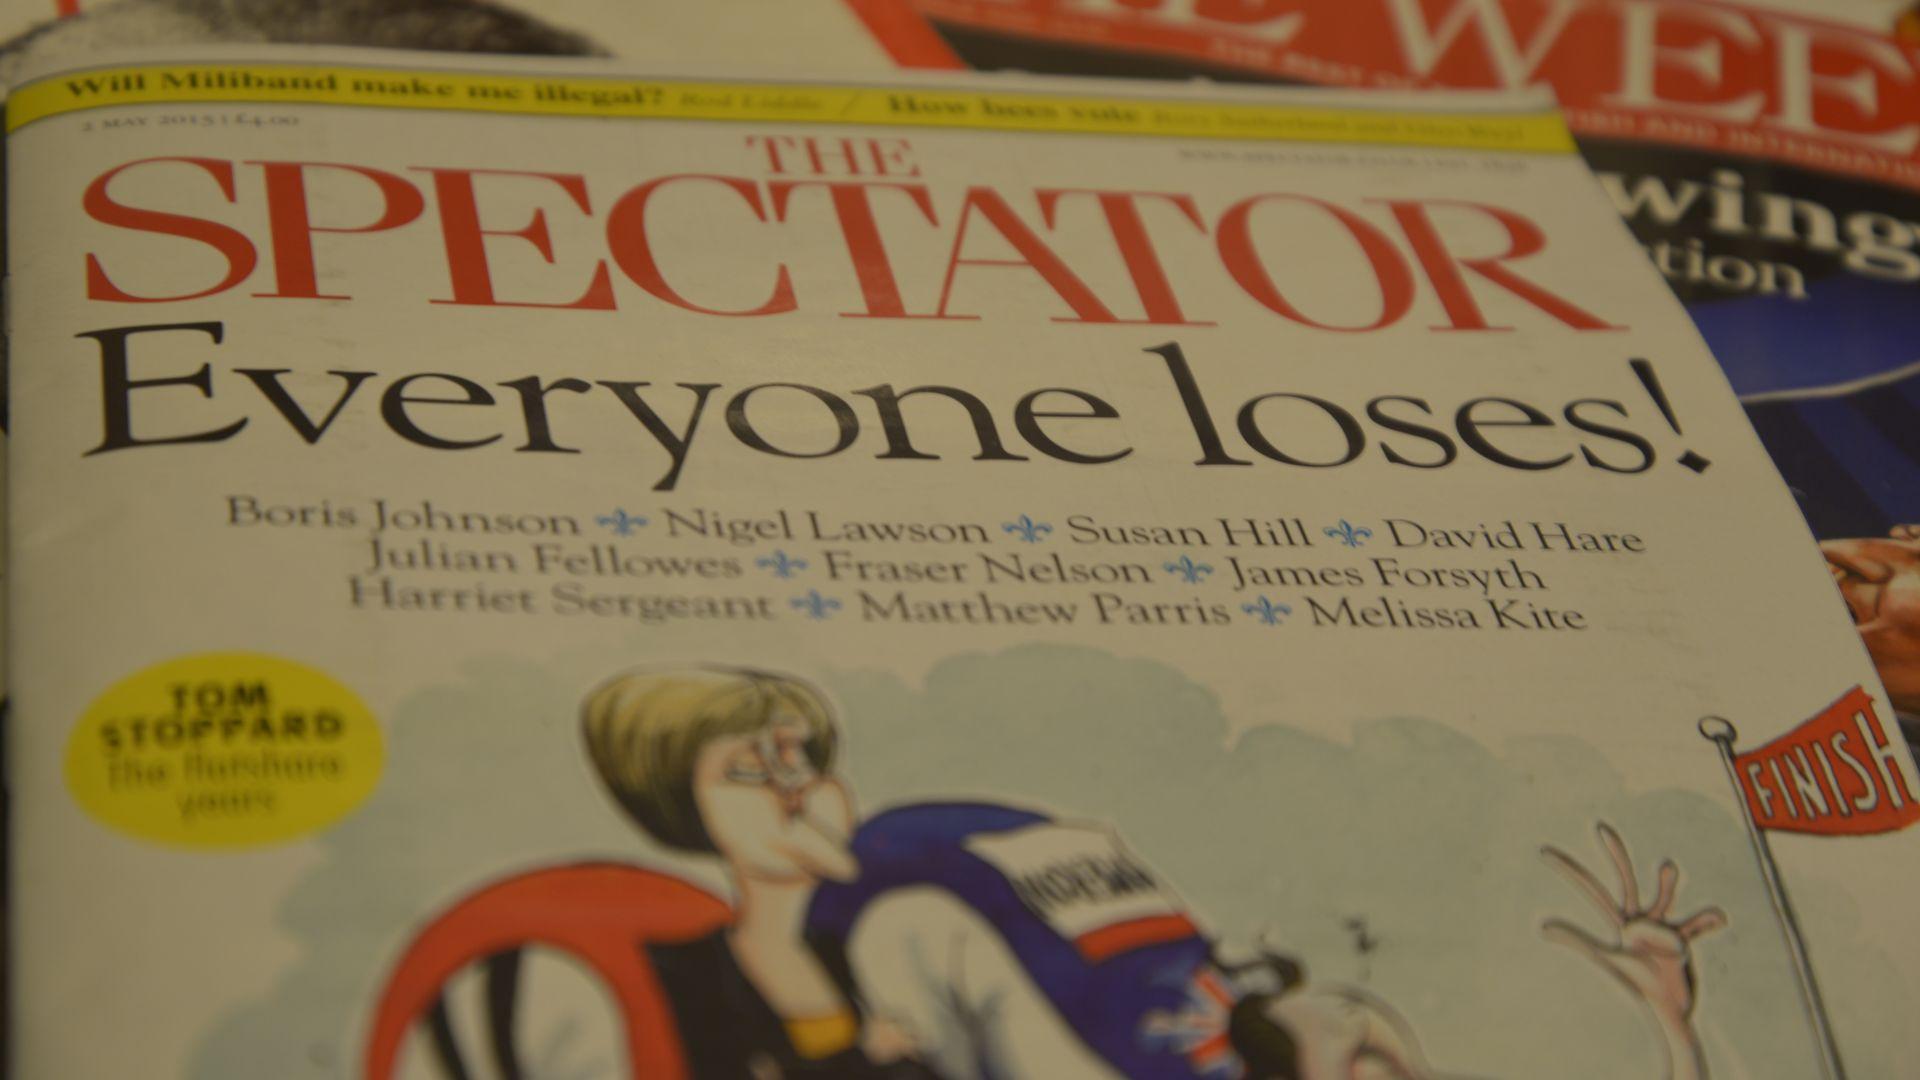 The Spectator UK publishing